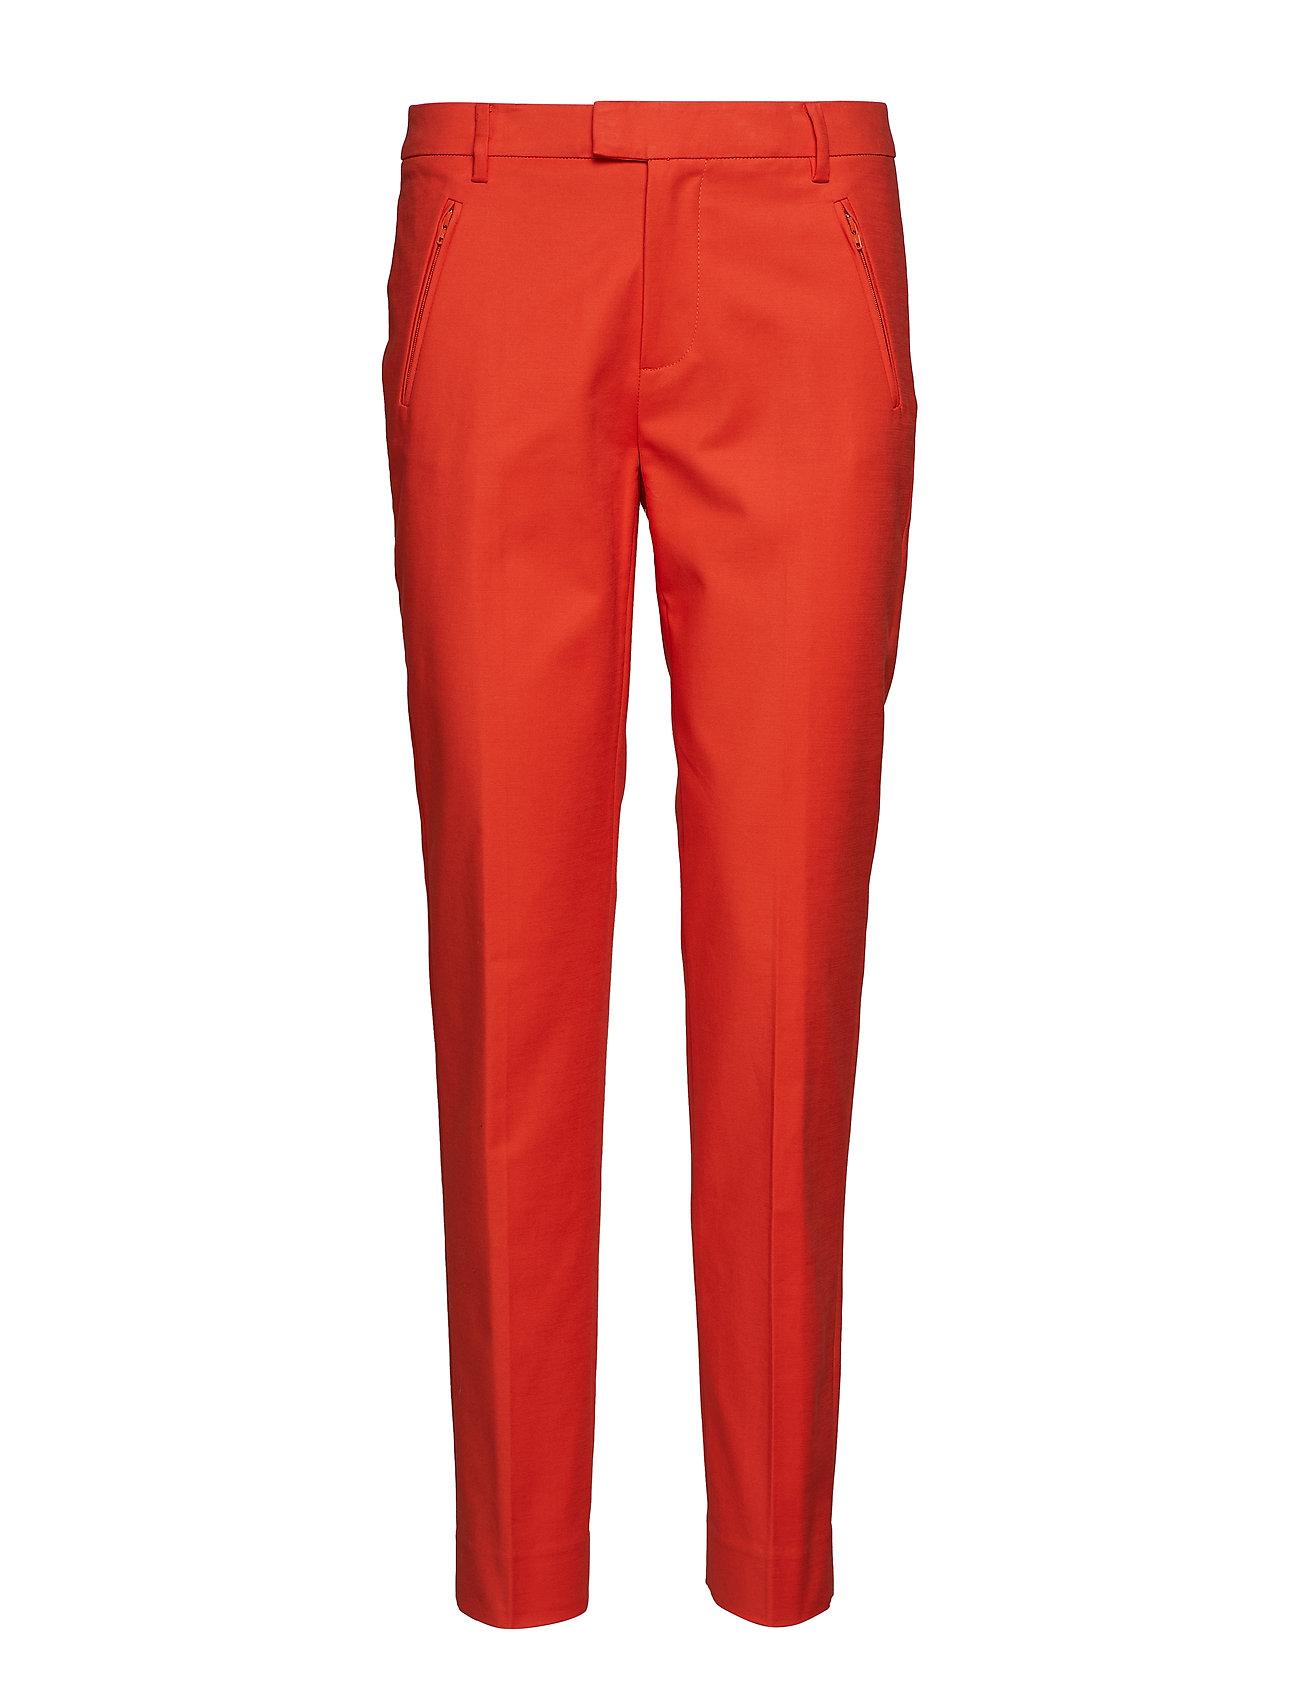 Image of Trousers Bukser Med Lige Ben Rød NOA NOA (3122437507)